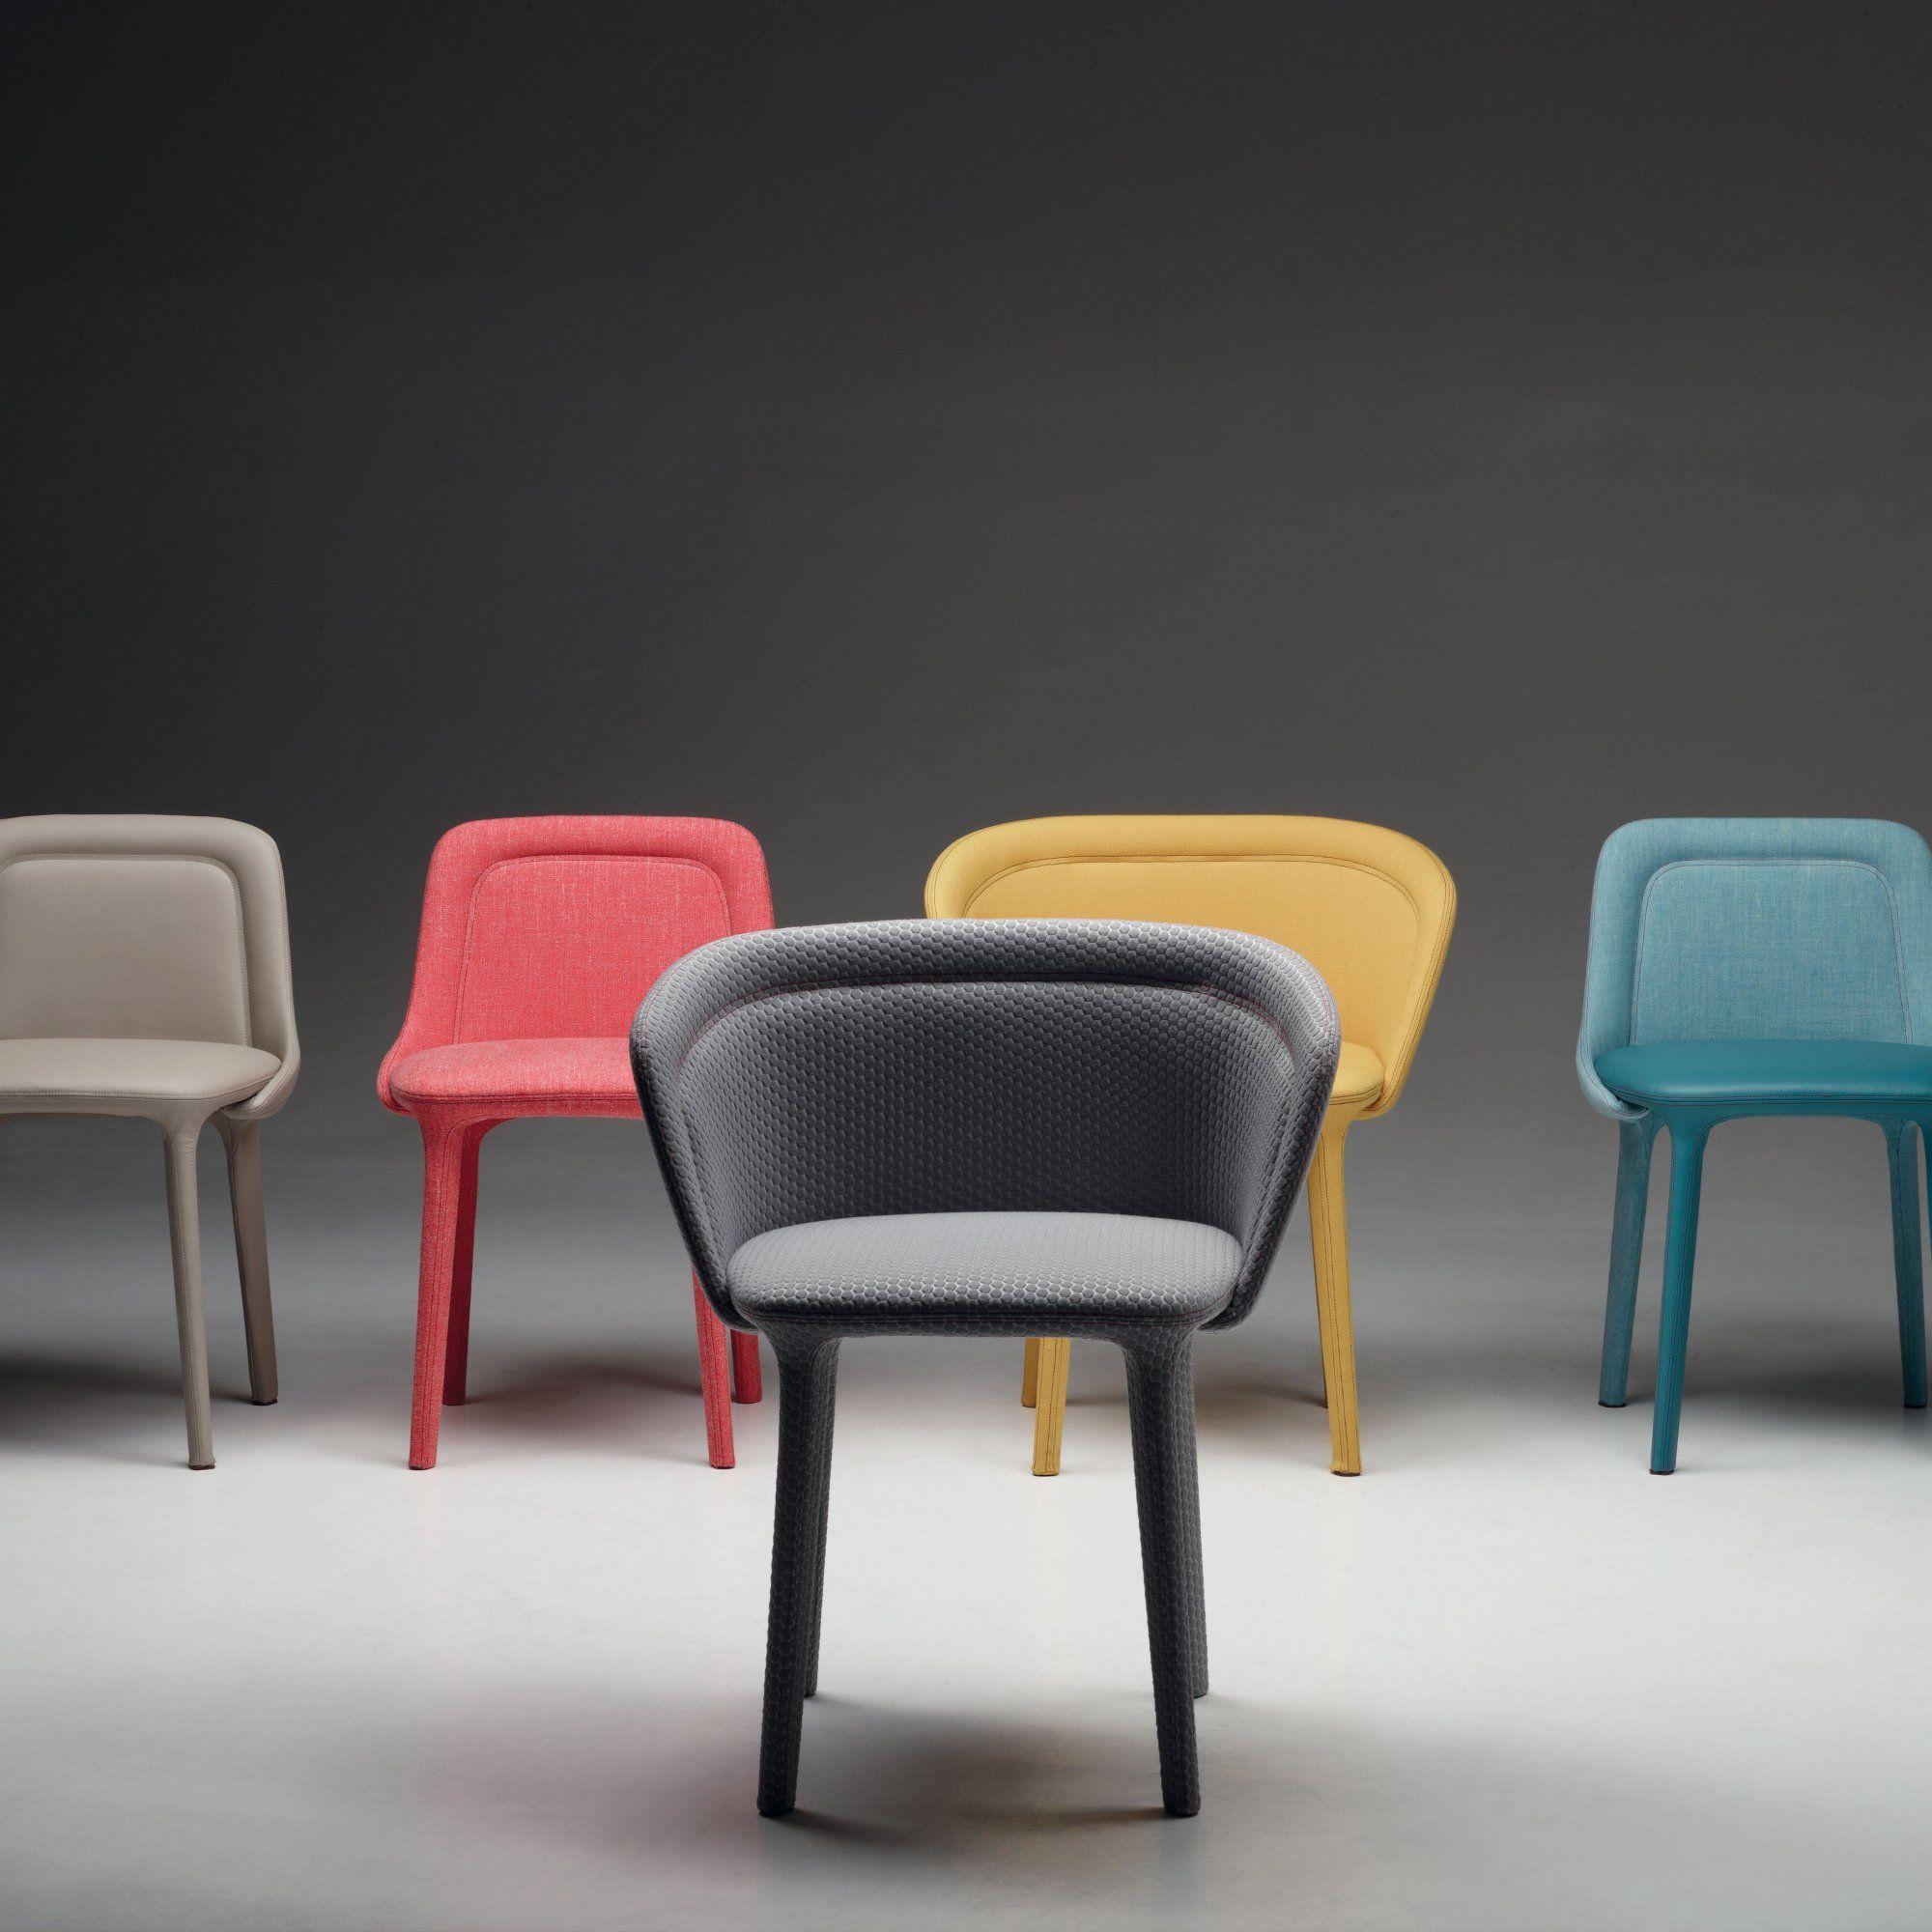 Une bureau chaise grisjaune de Casamania matelassée en xBroedCW